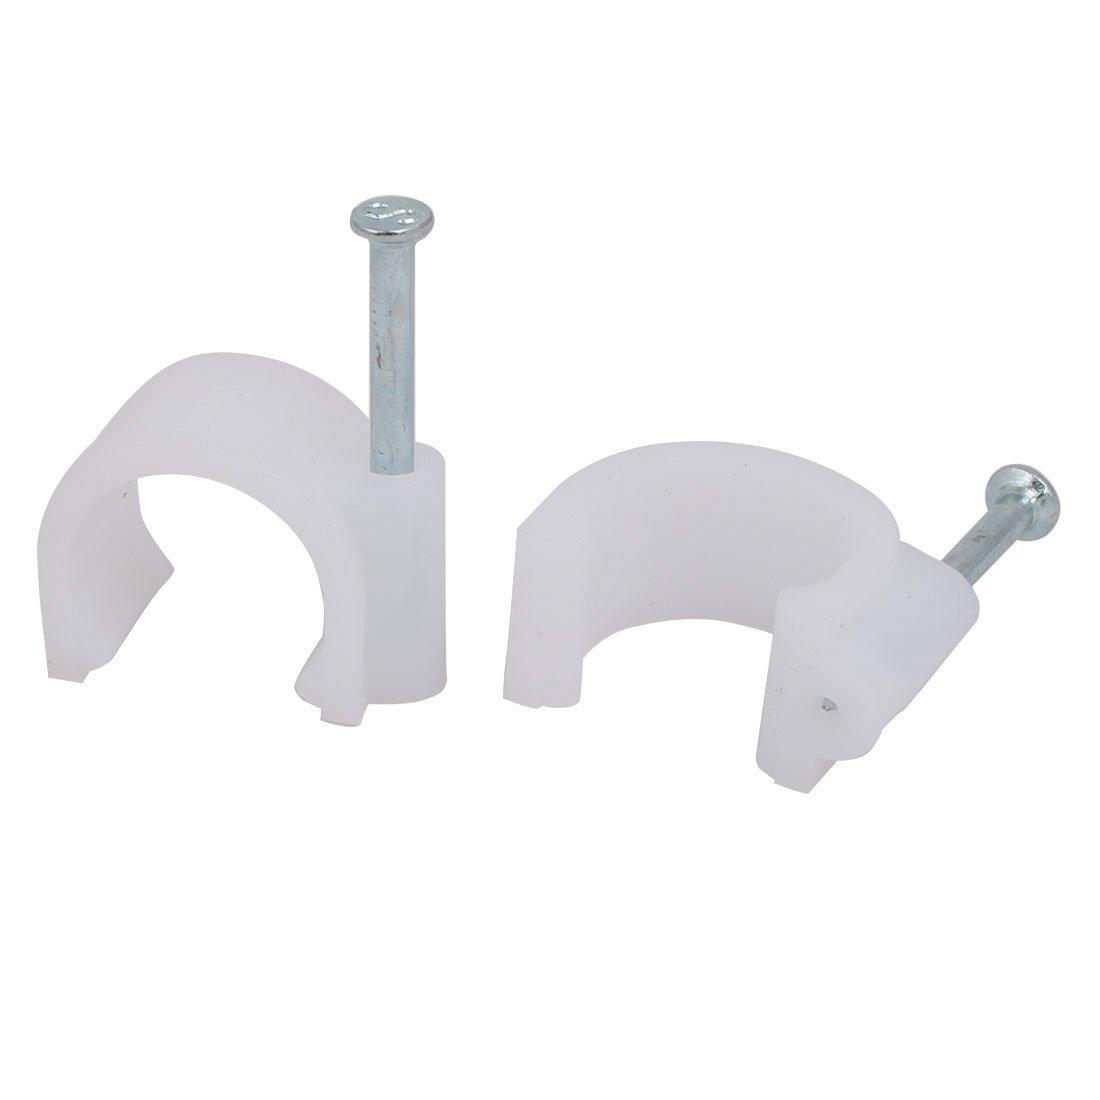 Clip de plástico PE en círculo para 20 mm de diámetro de cable clavos de acero de 35mm de largo 150 Piezas: Amazon.es: Bricolaje y herramientas